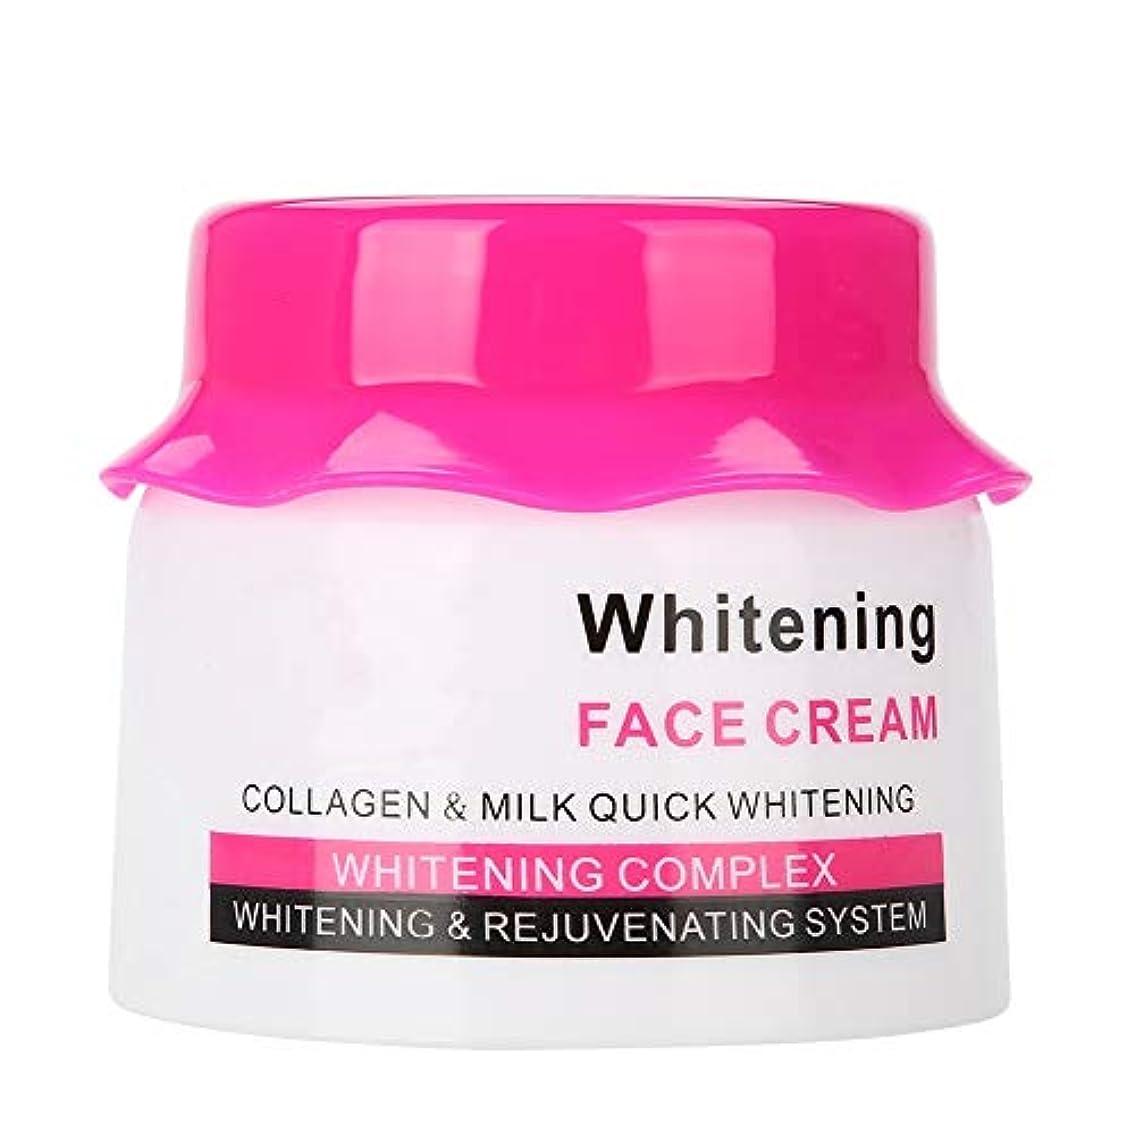 スキャンダラスリム回復する天然コラーゲン、肌のリラクゼーションと引き締まった肌の多機能、保湿引き締めフェイシャルシュリンクポアケア肌を白くするフェイシャルクリーム